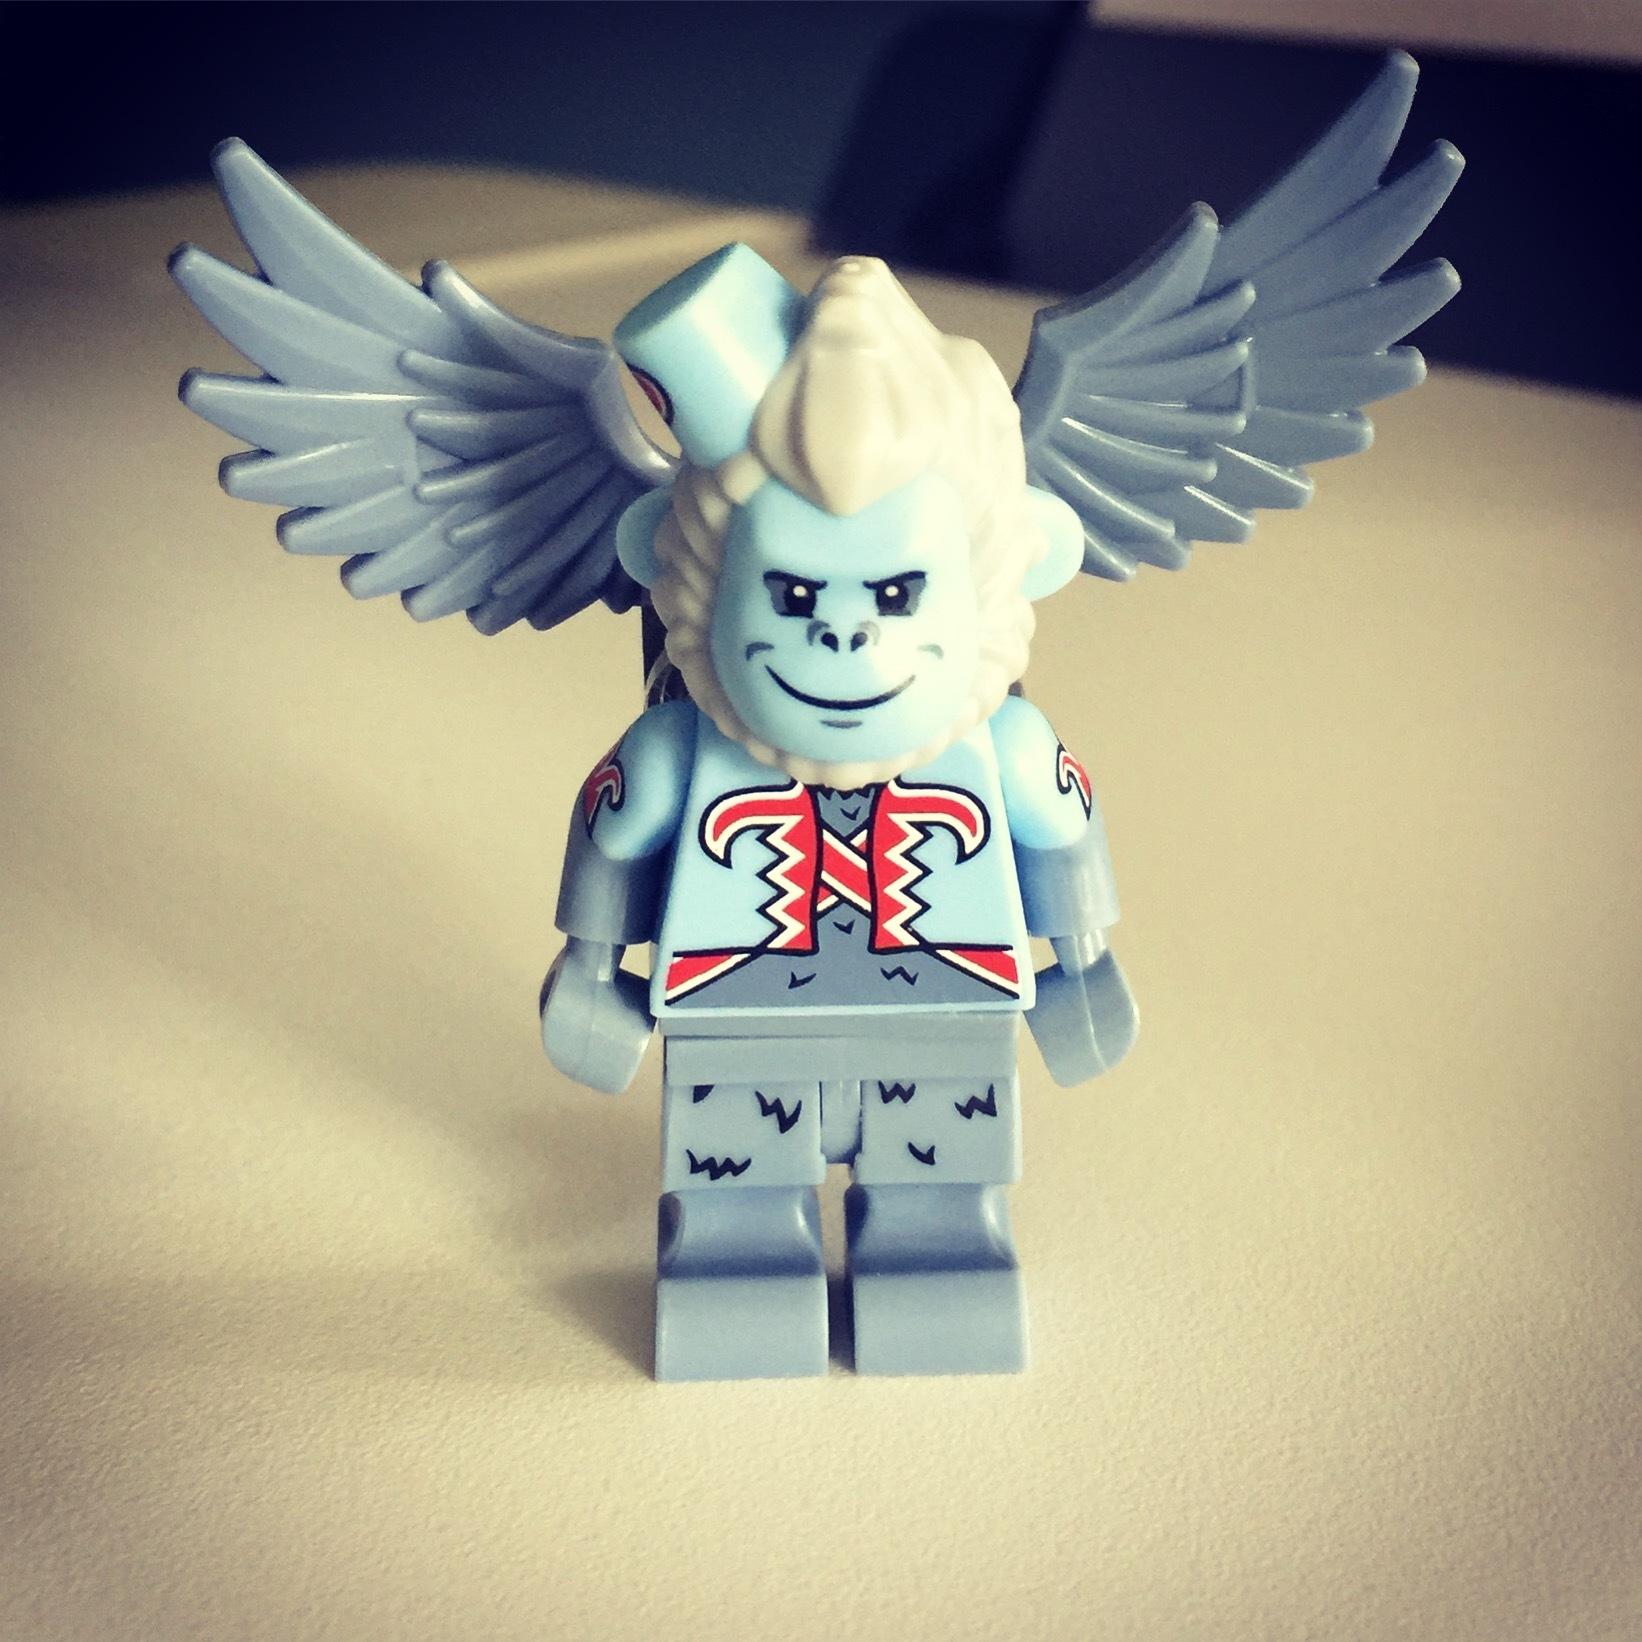 Flying Monkey Lego